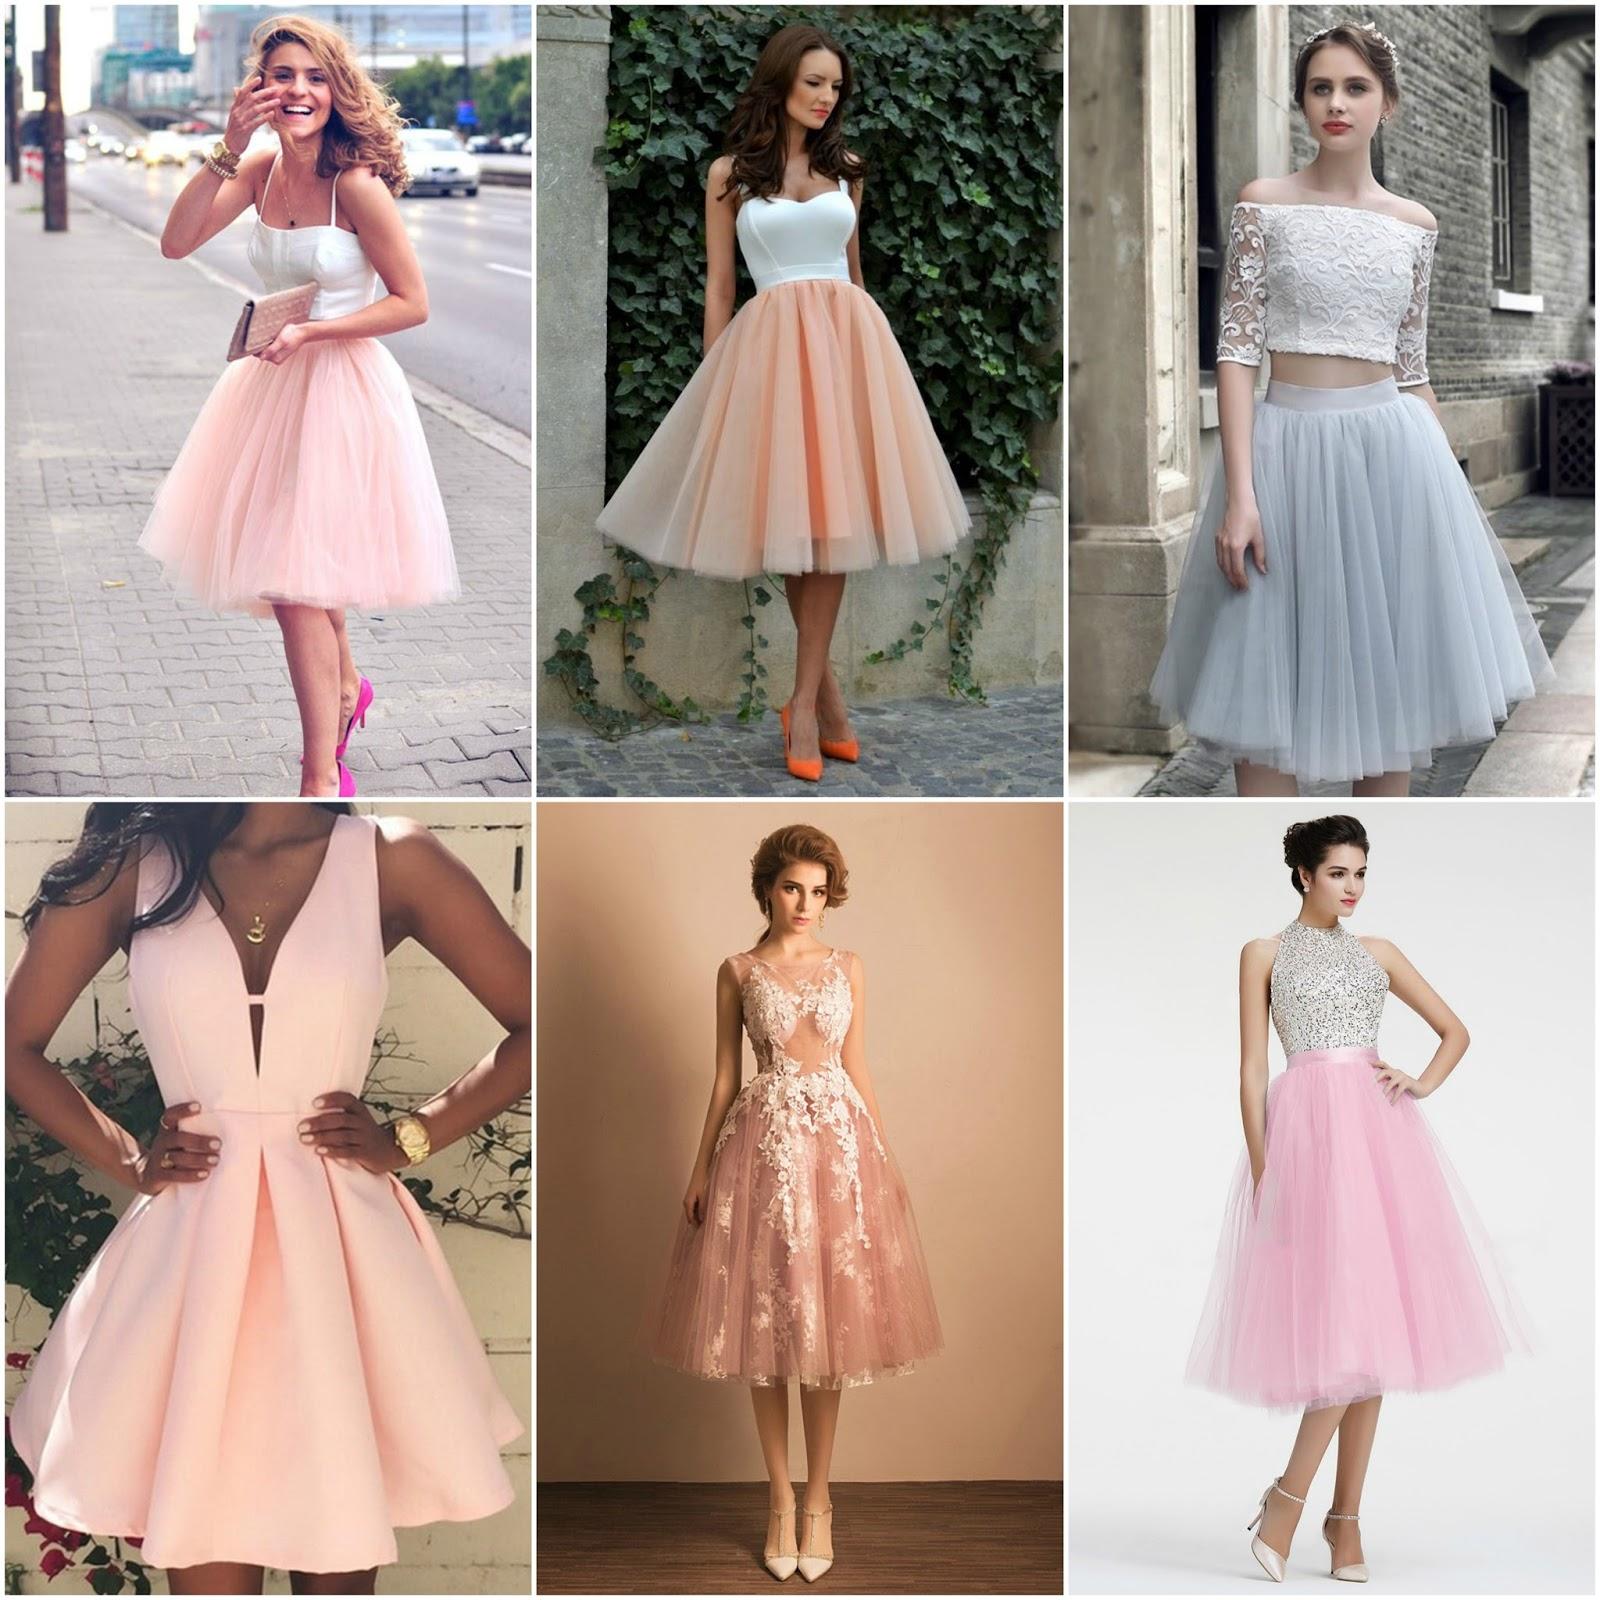 debffe29a Onde comprar vestidos de festa  MillyBridal - Trash Rock